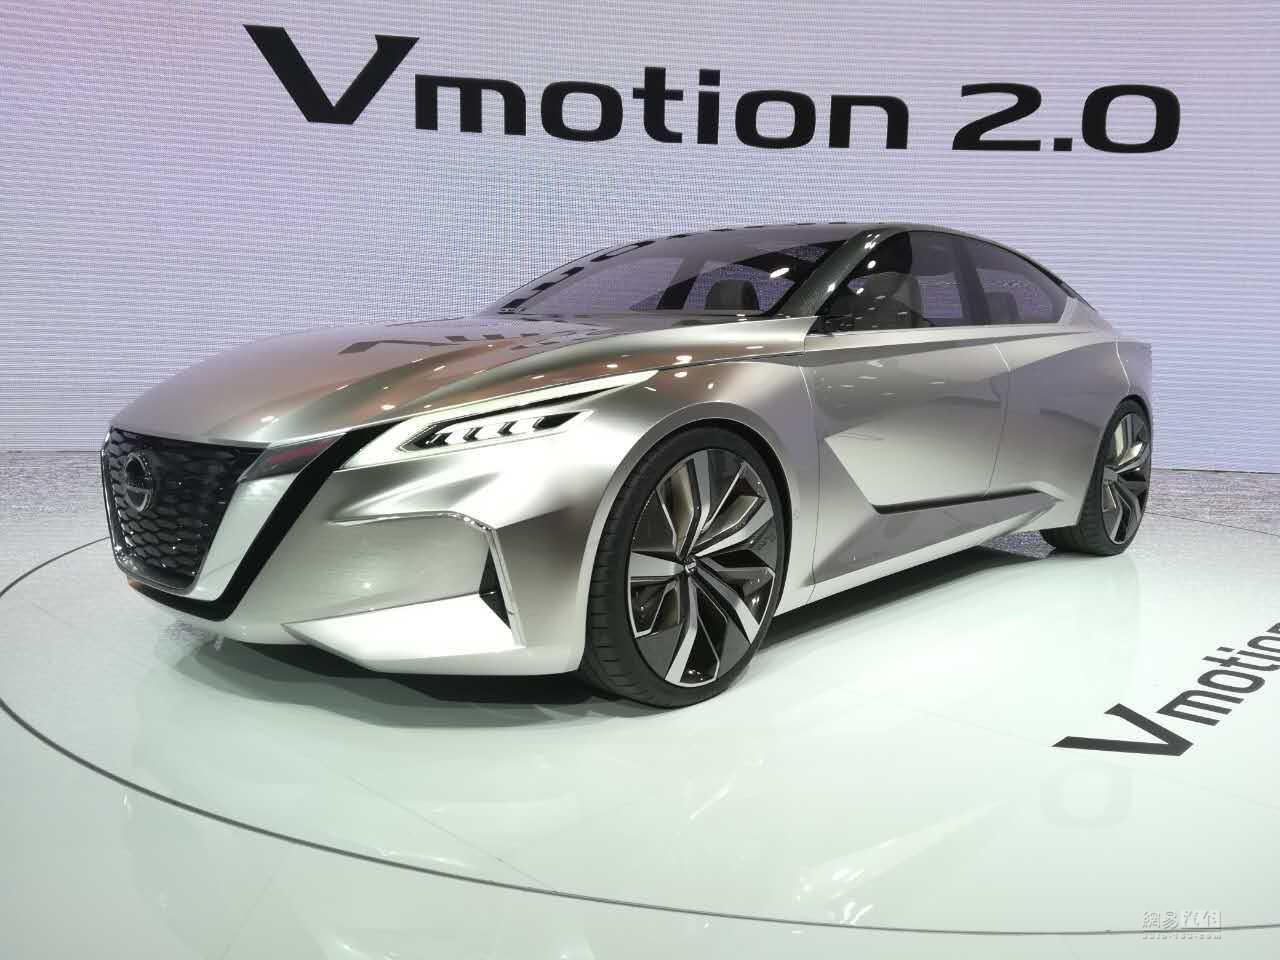 2017上海车展:日产Vmotion 2.0概念车